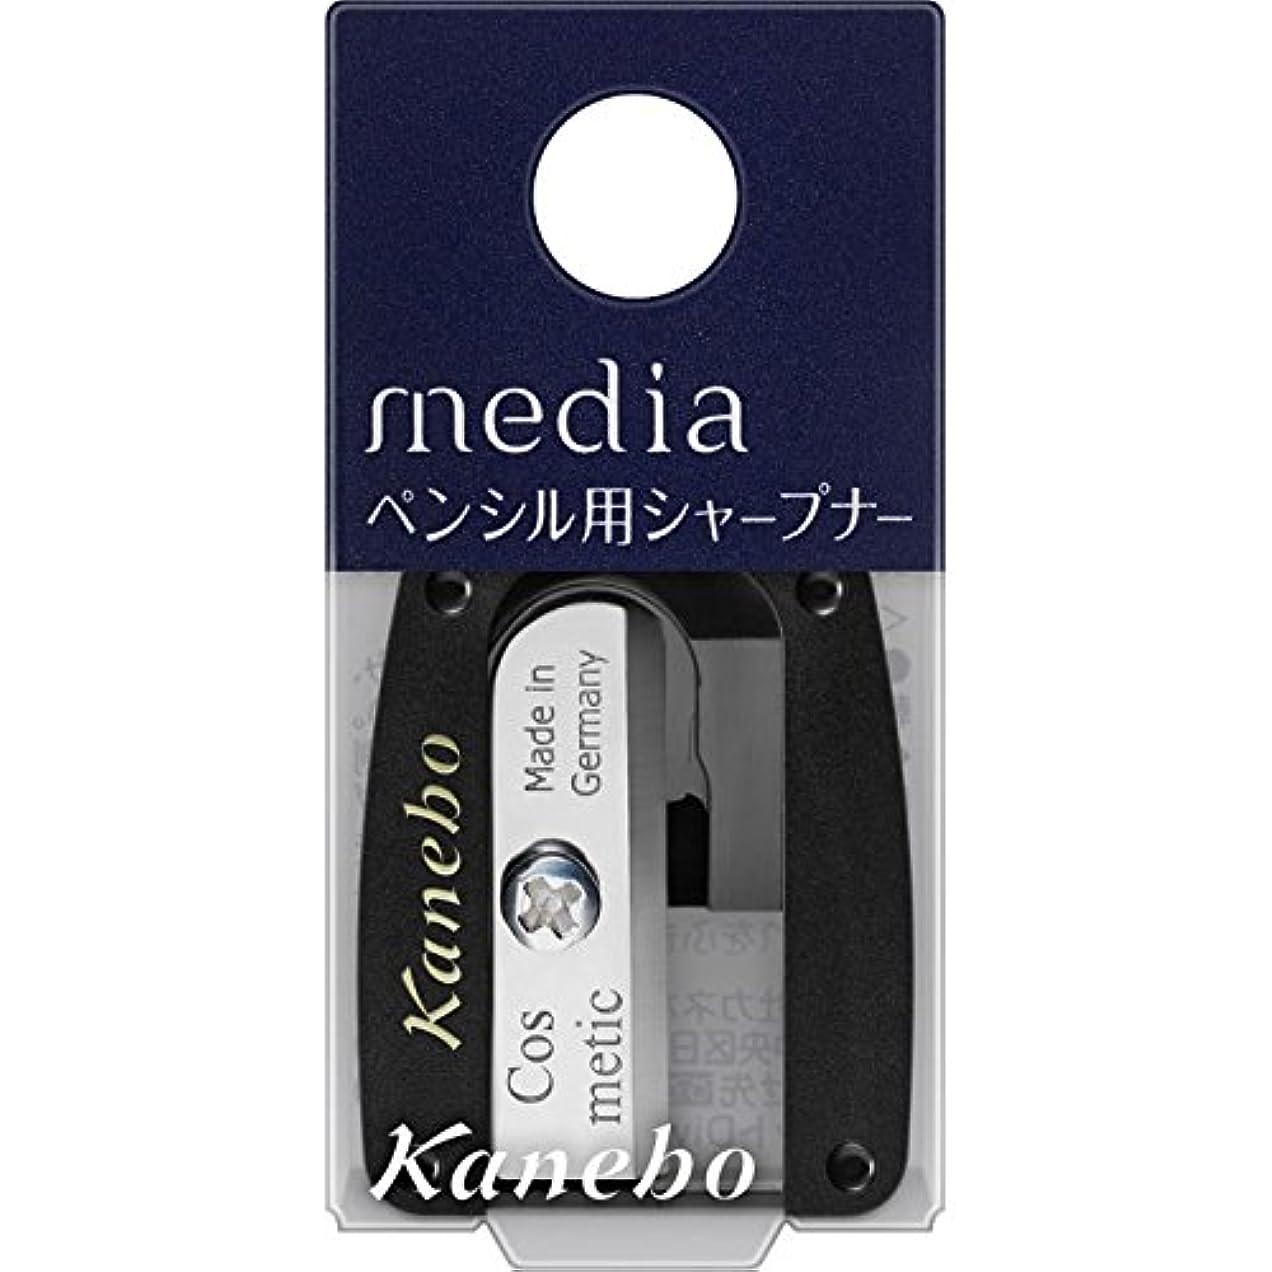 付添人偶然ひねり【カネボウ】 メディア ペンシル用シャープナー